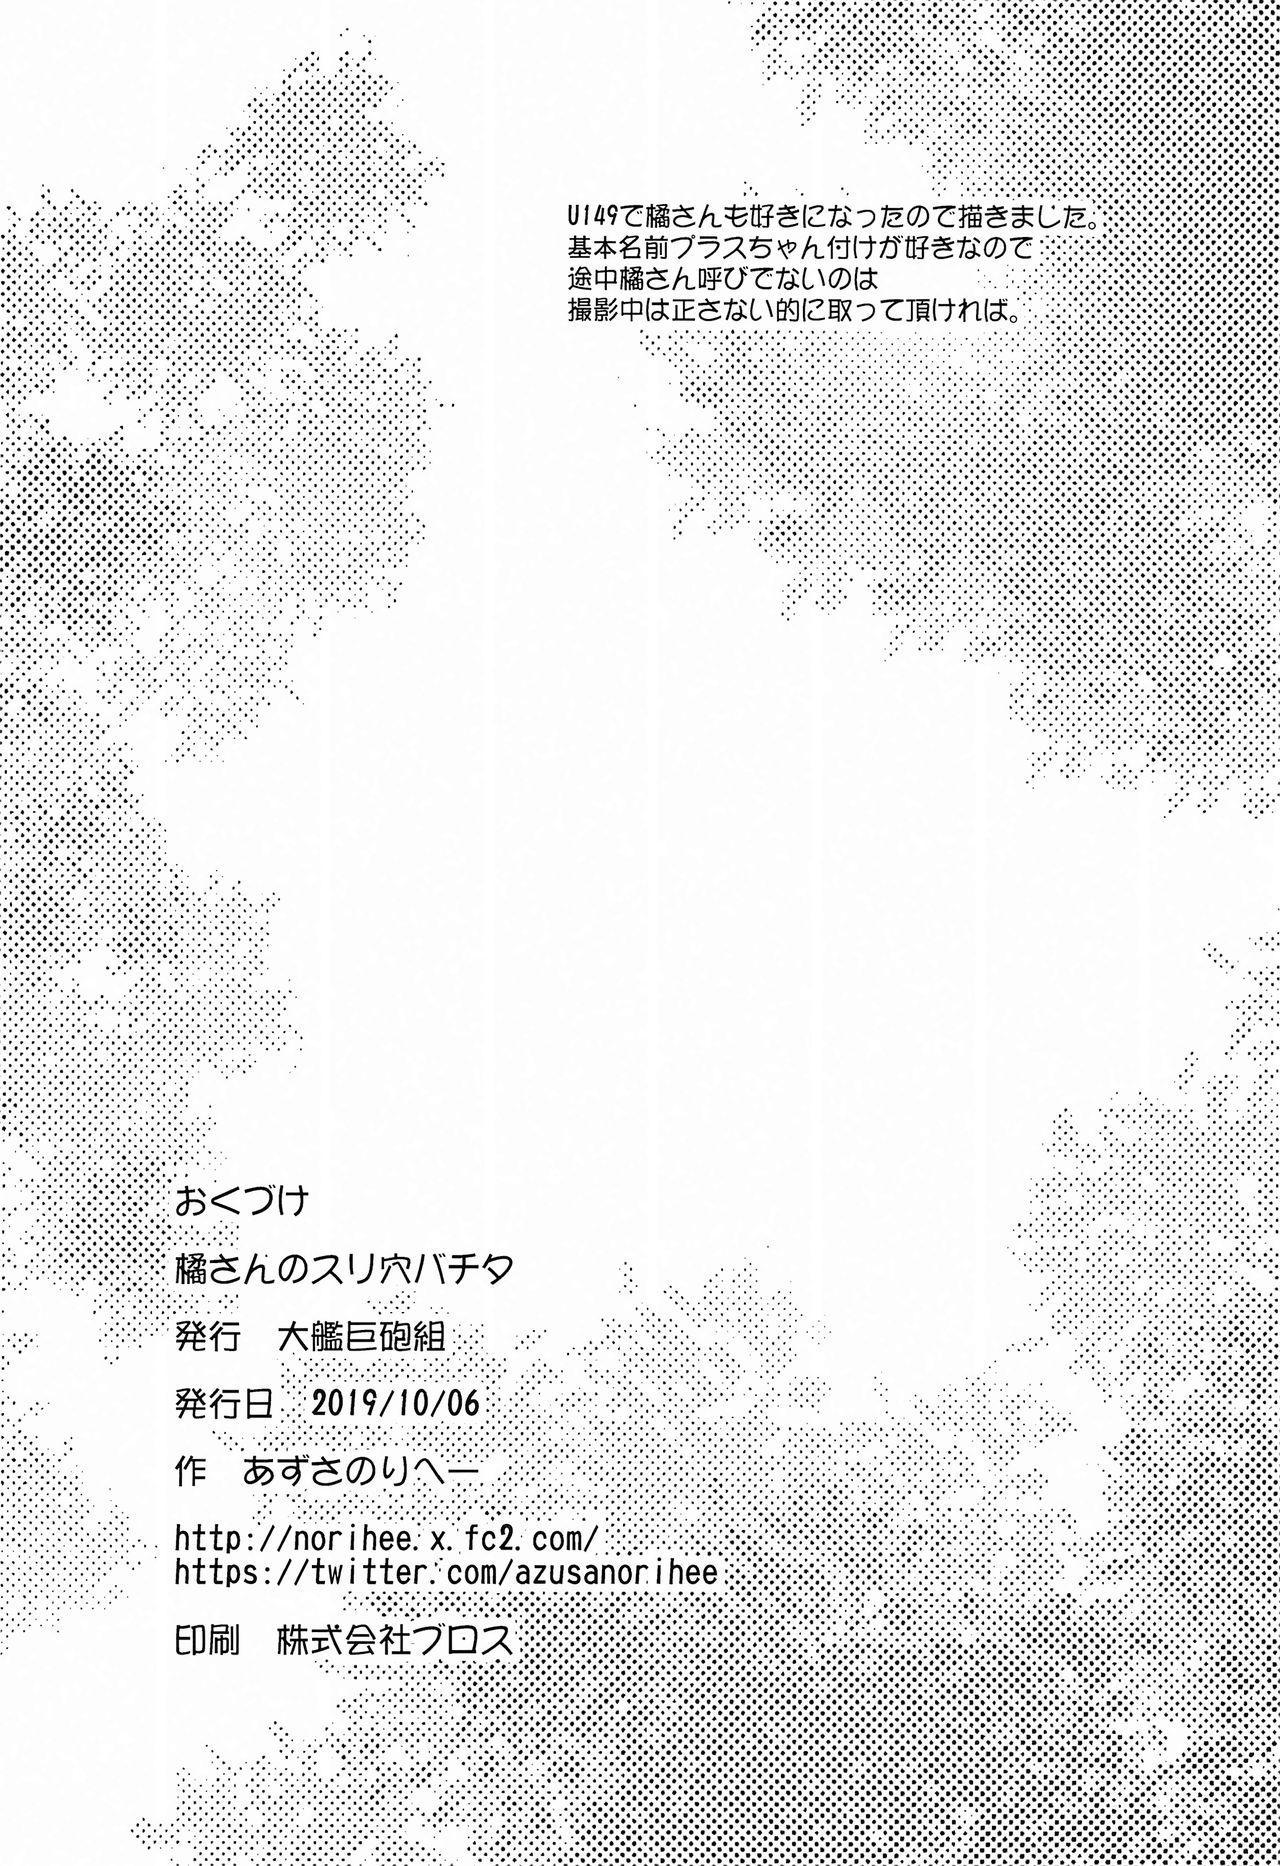 Tachibana-san no Suri Ana Bachita 21